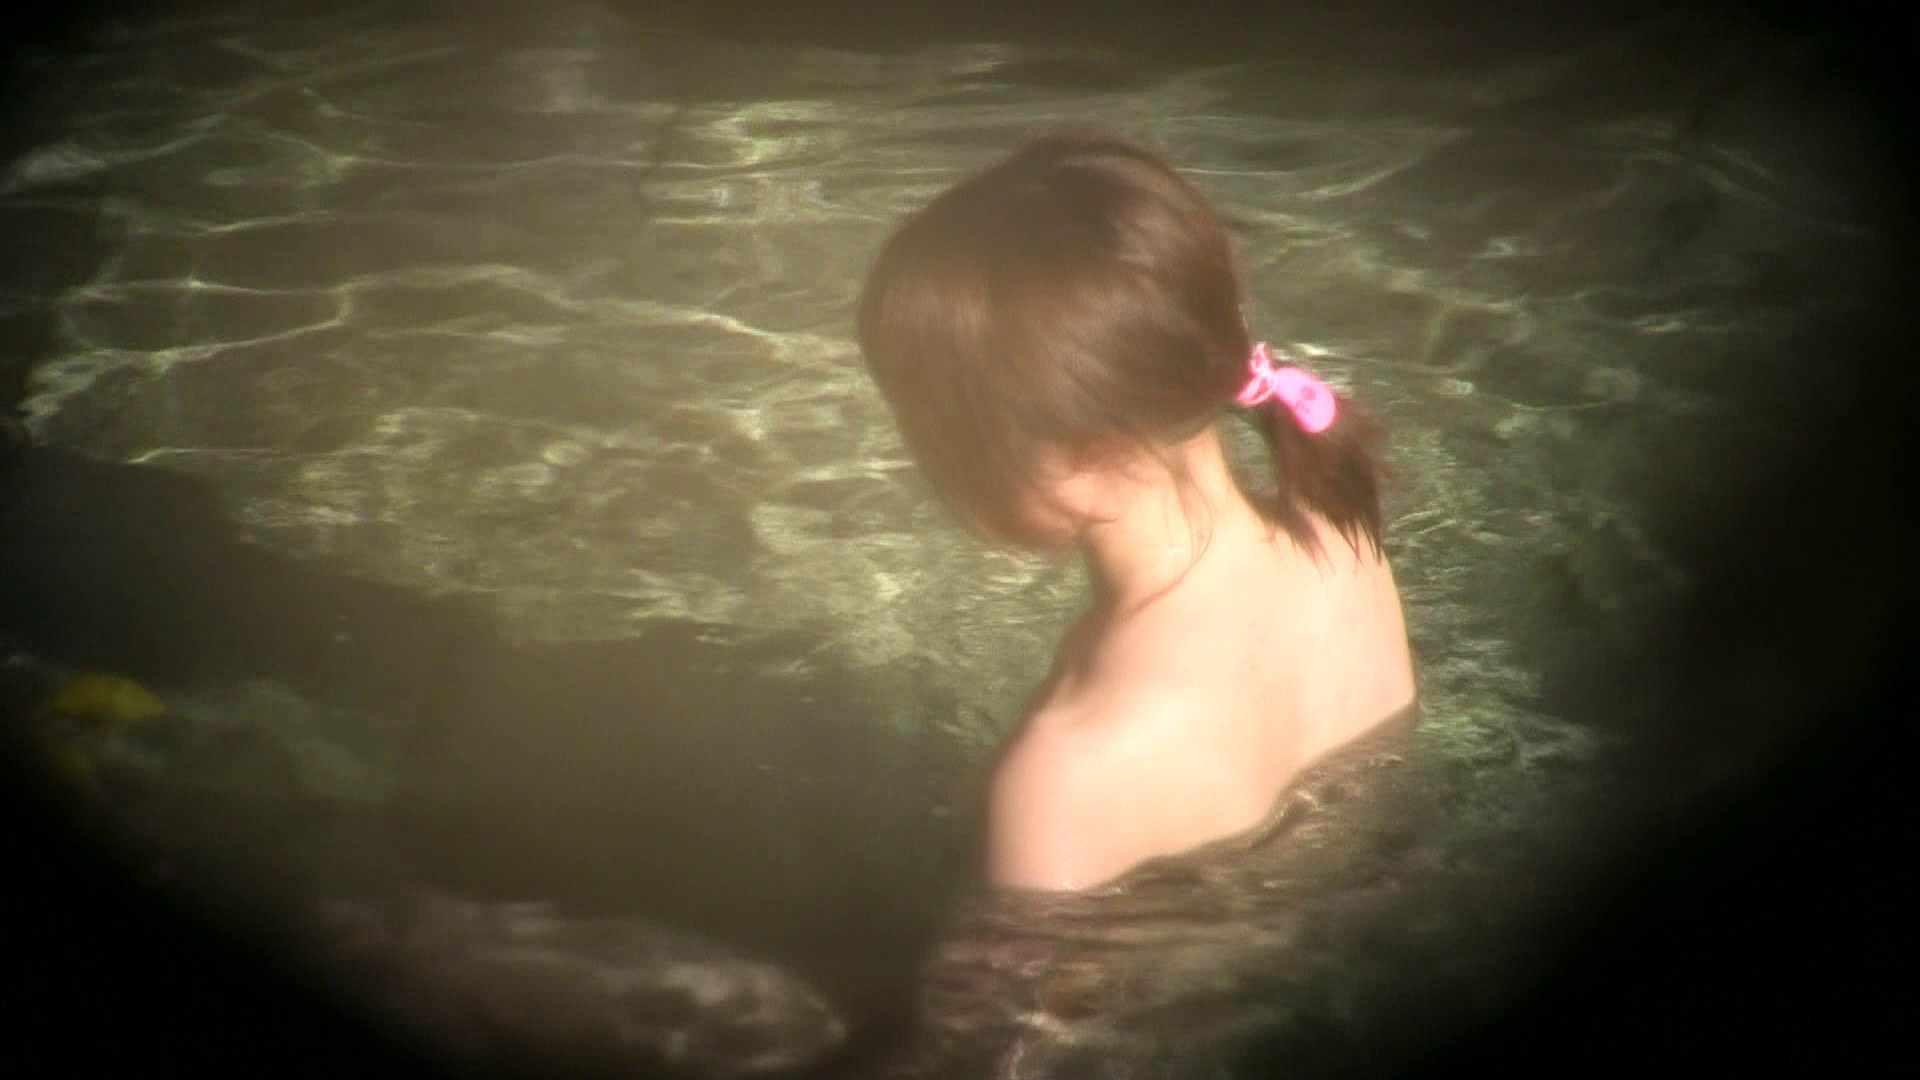 Aquaな露天風呂Vol.698 露天  30PICs 15